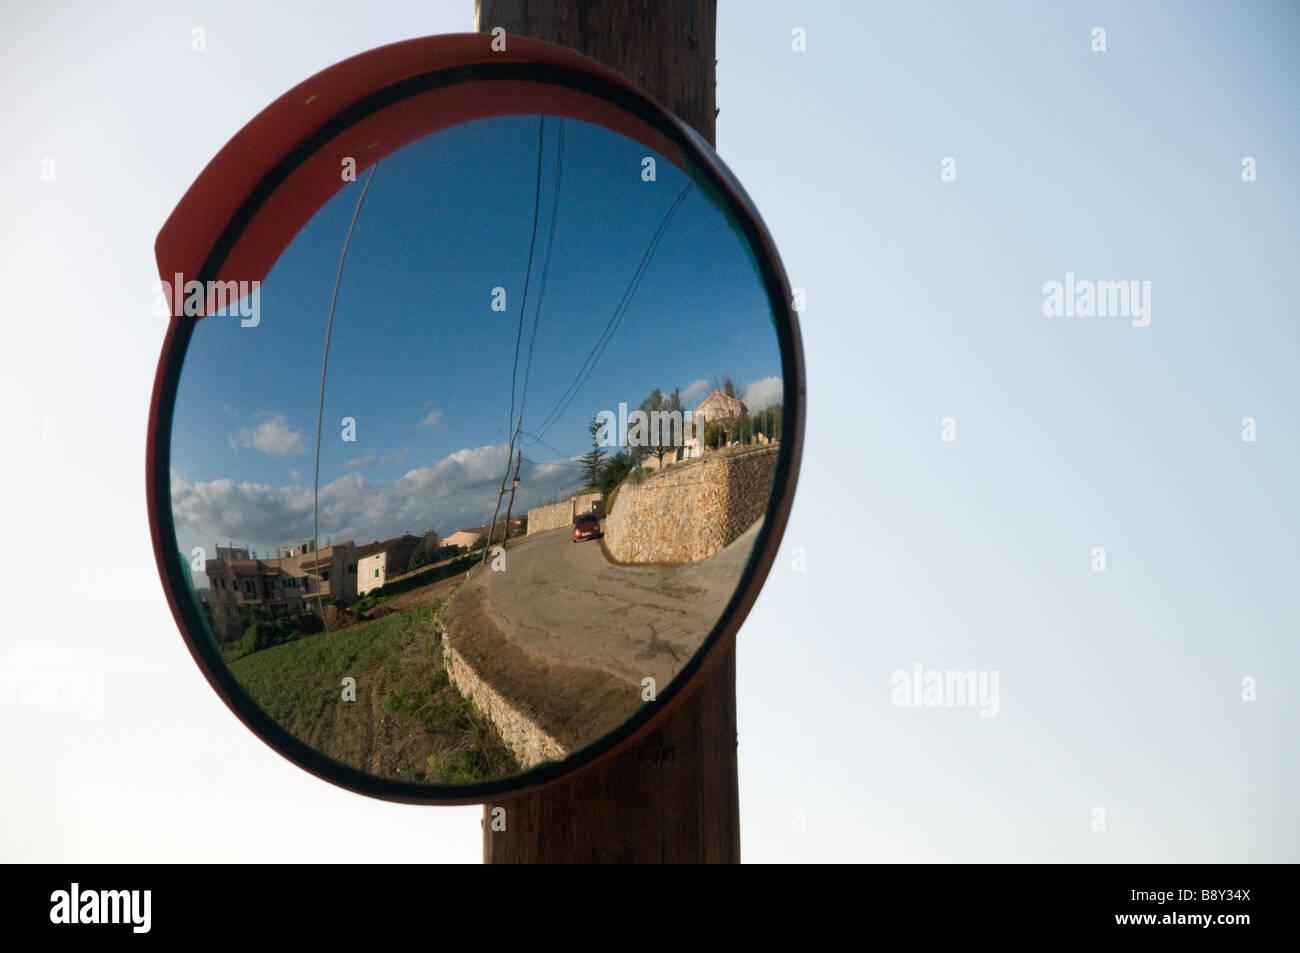 Parabolic mirror stockfotos parabolic mirror bilder alamy for Der spiegel spanien